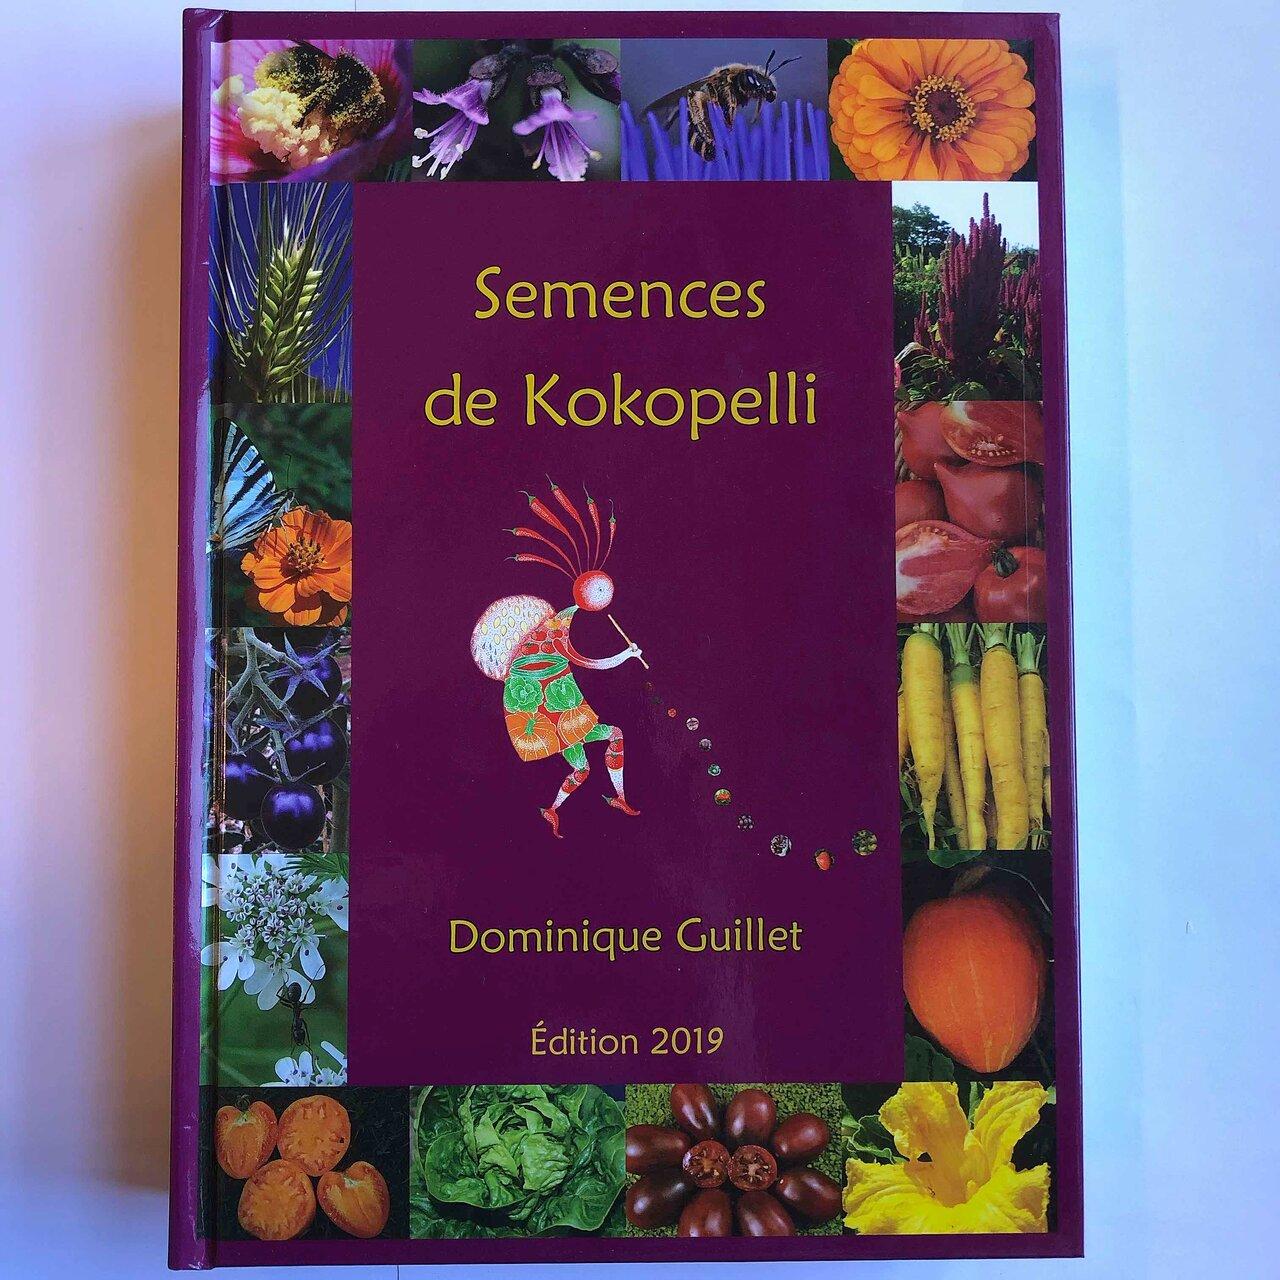 Semences de Kokopelli - Semences de Kokopelli : 17ème édition